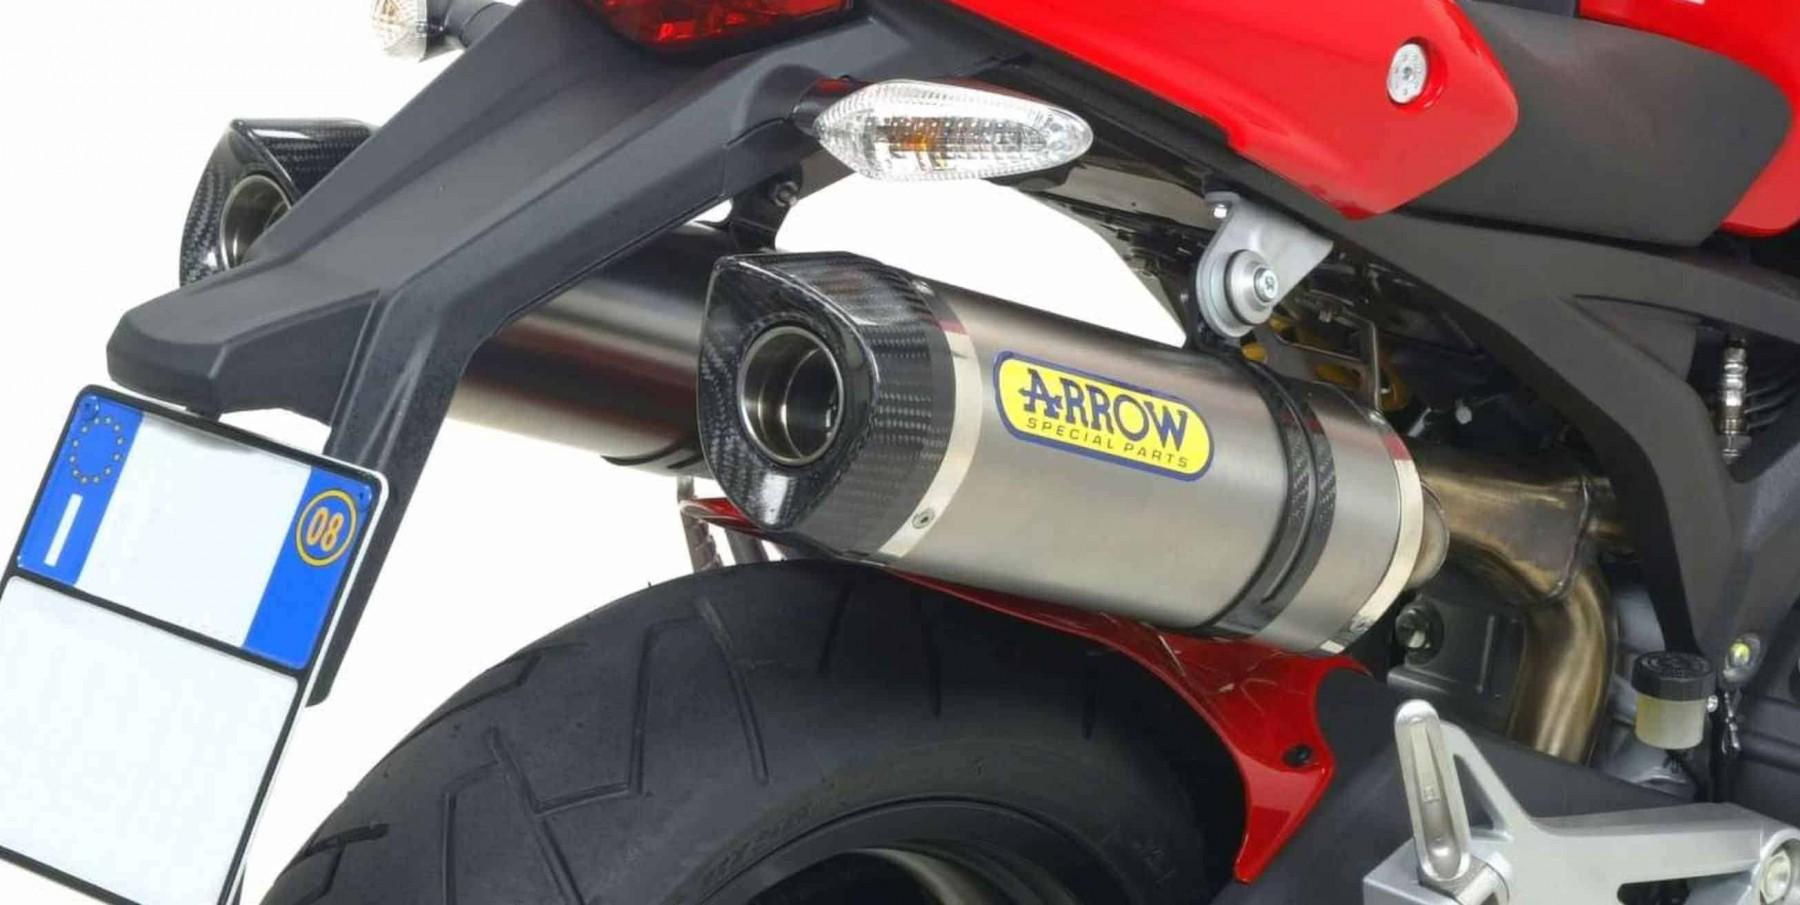 Silencieux Arrow Street Thunder Ducati Monster 1100